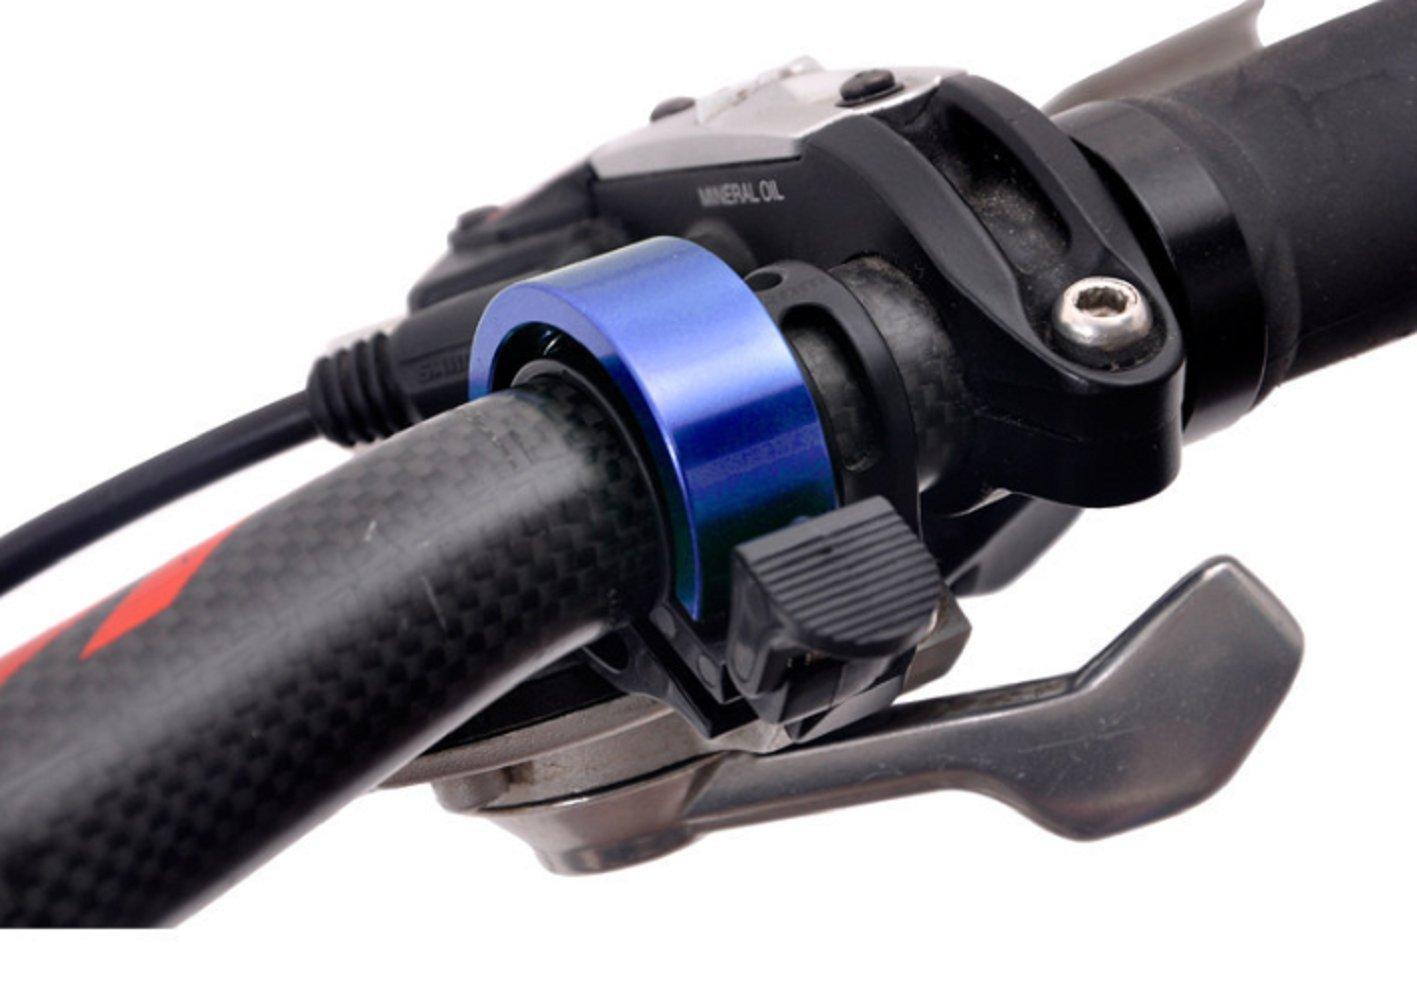 Mtef 自転車ベル 22.2mm-24mm径 バイクリング アルミニウム合金製 ホーンアクセサリー 全六色 B071LCCRK1 ブルー ブルー